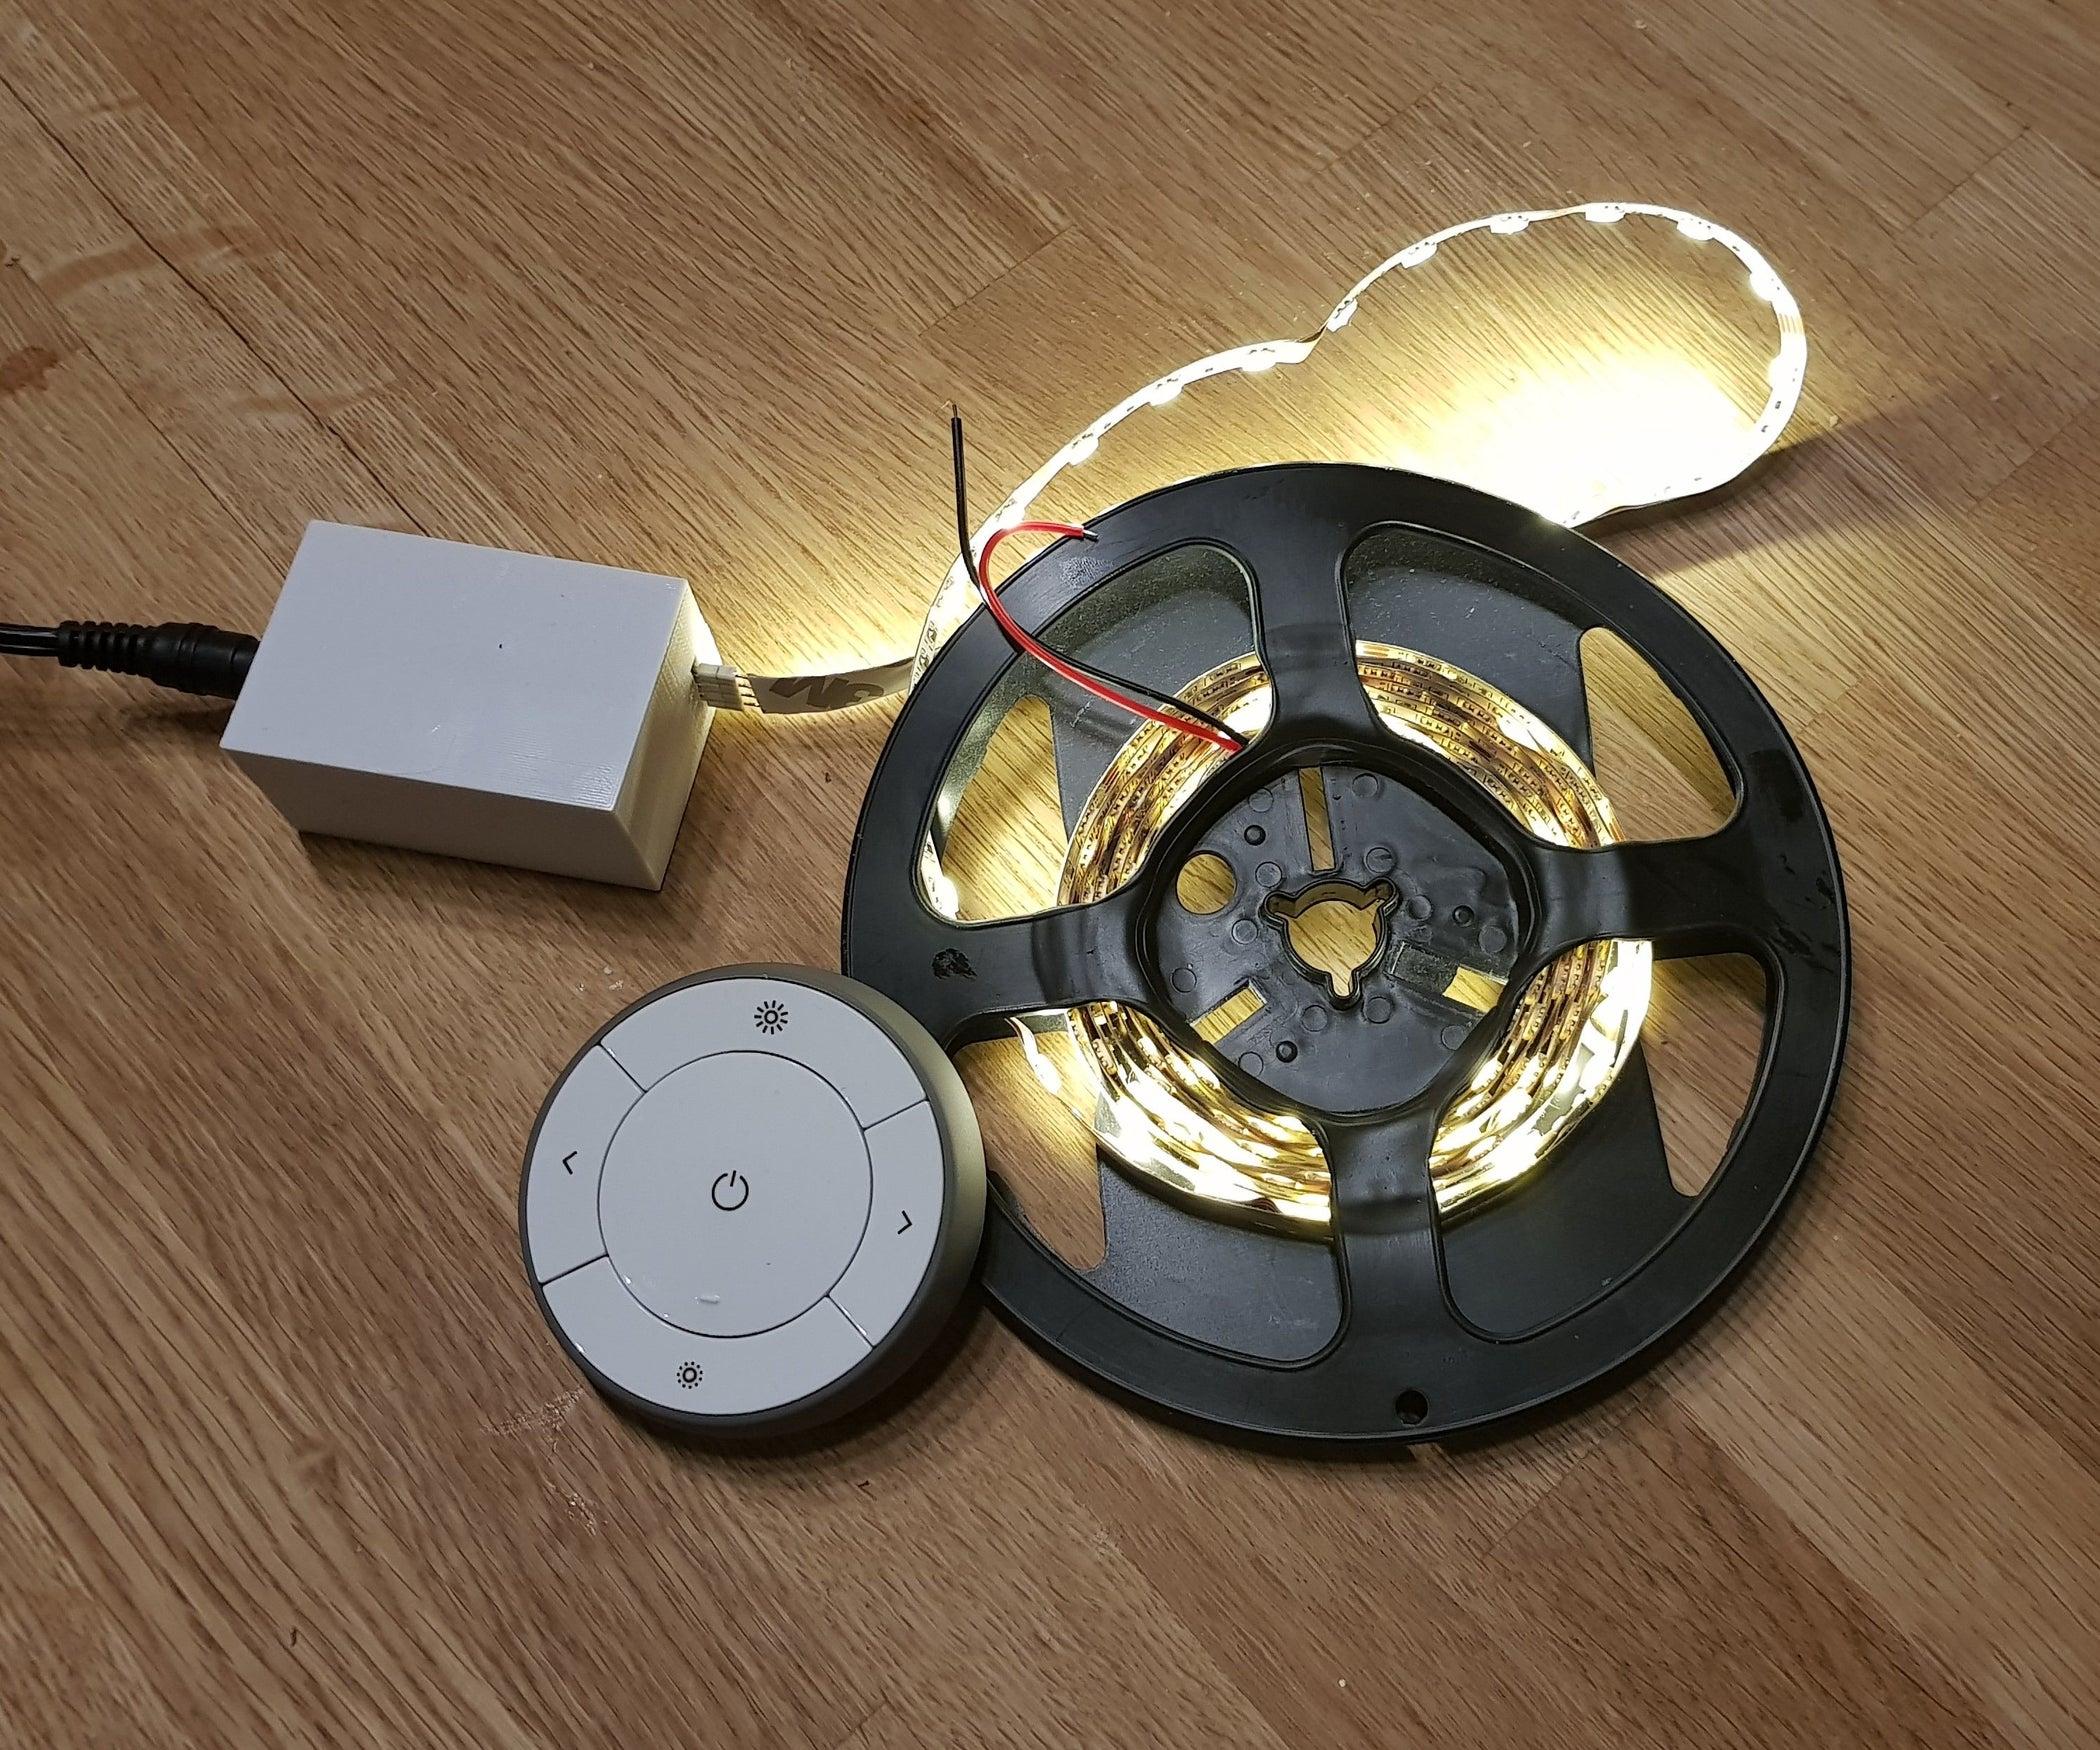 Ikea Zigbee